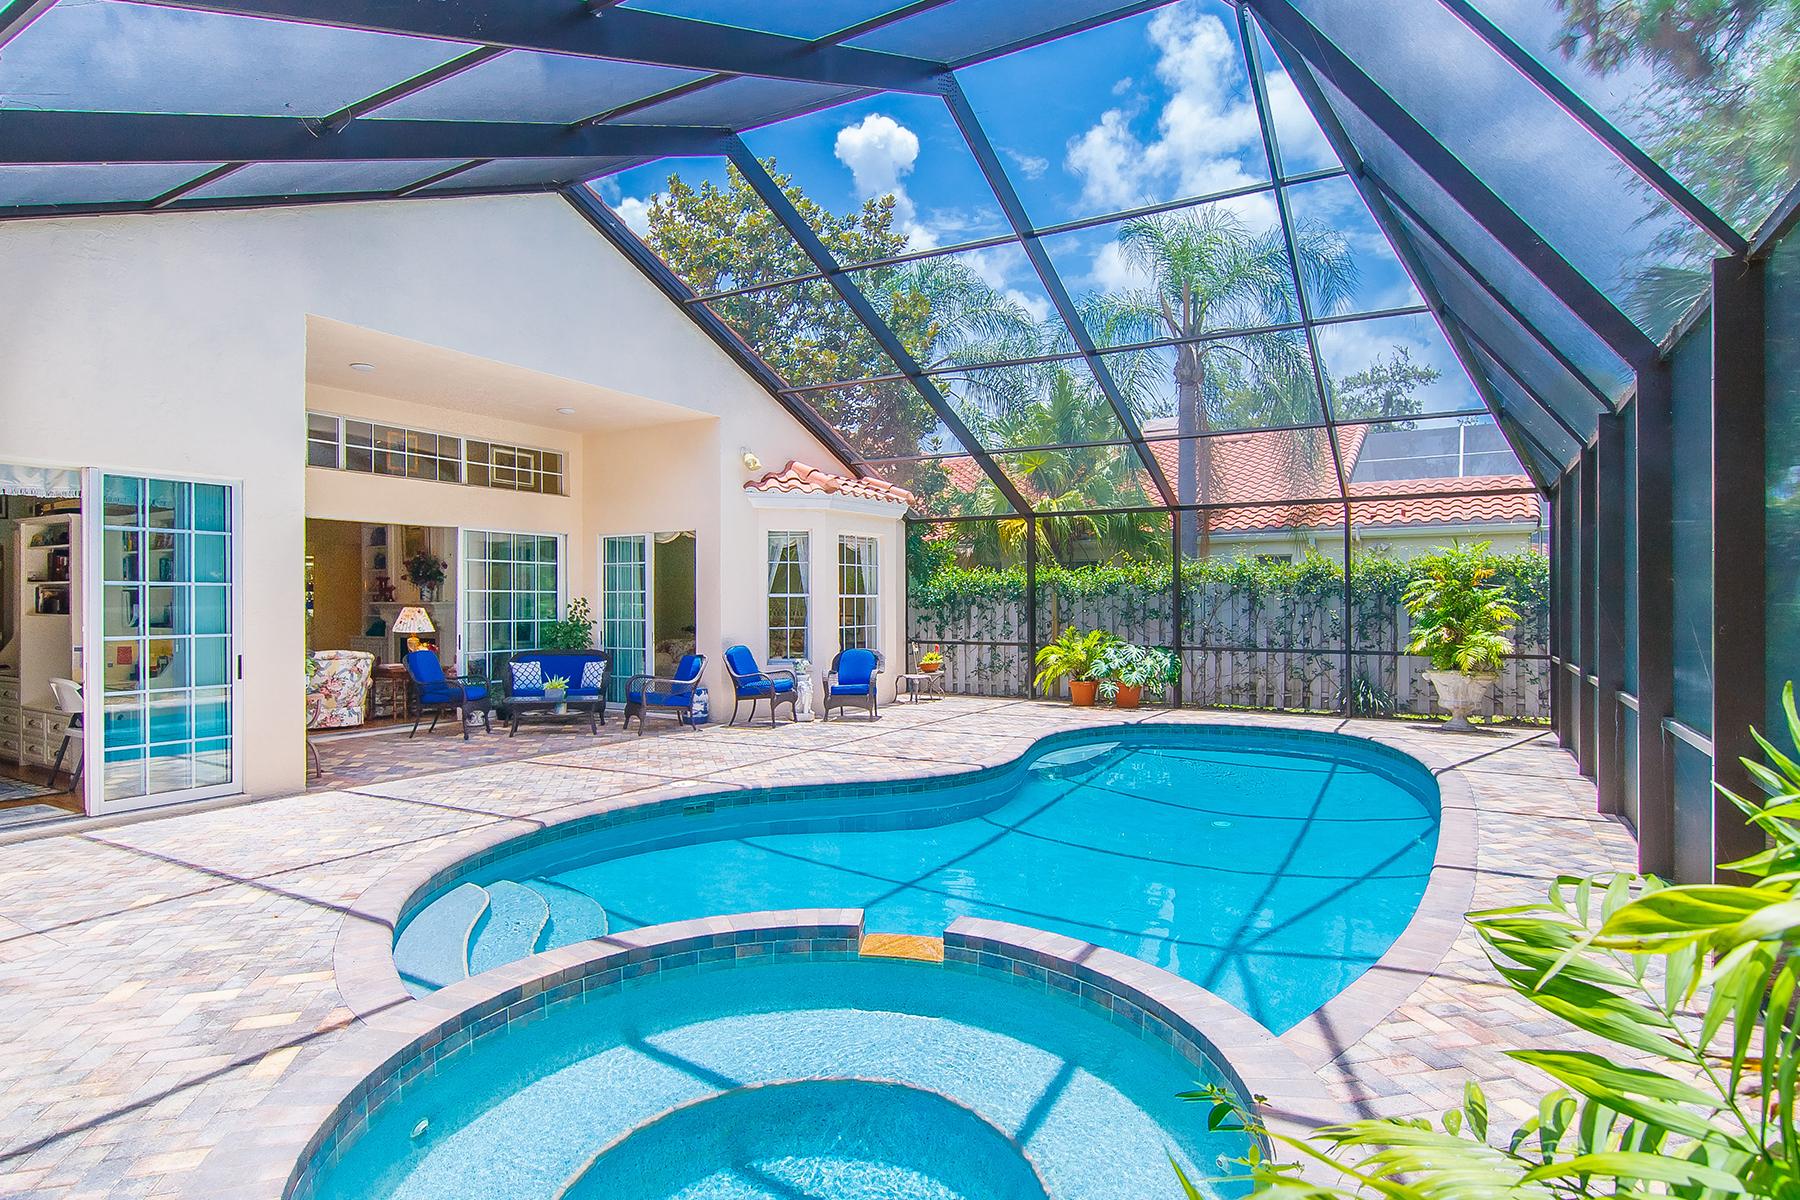 独户住宅 为 销售 在 VILLA FIORE 8000 Via Fiore Sarasota, 佛罗里达州 34238 美国